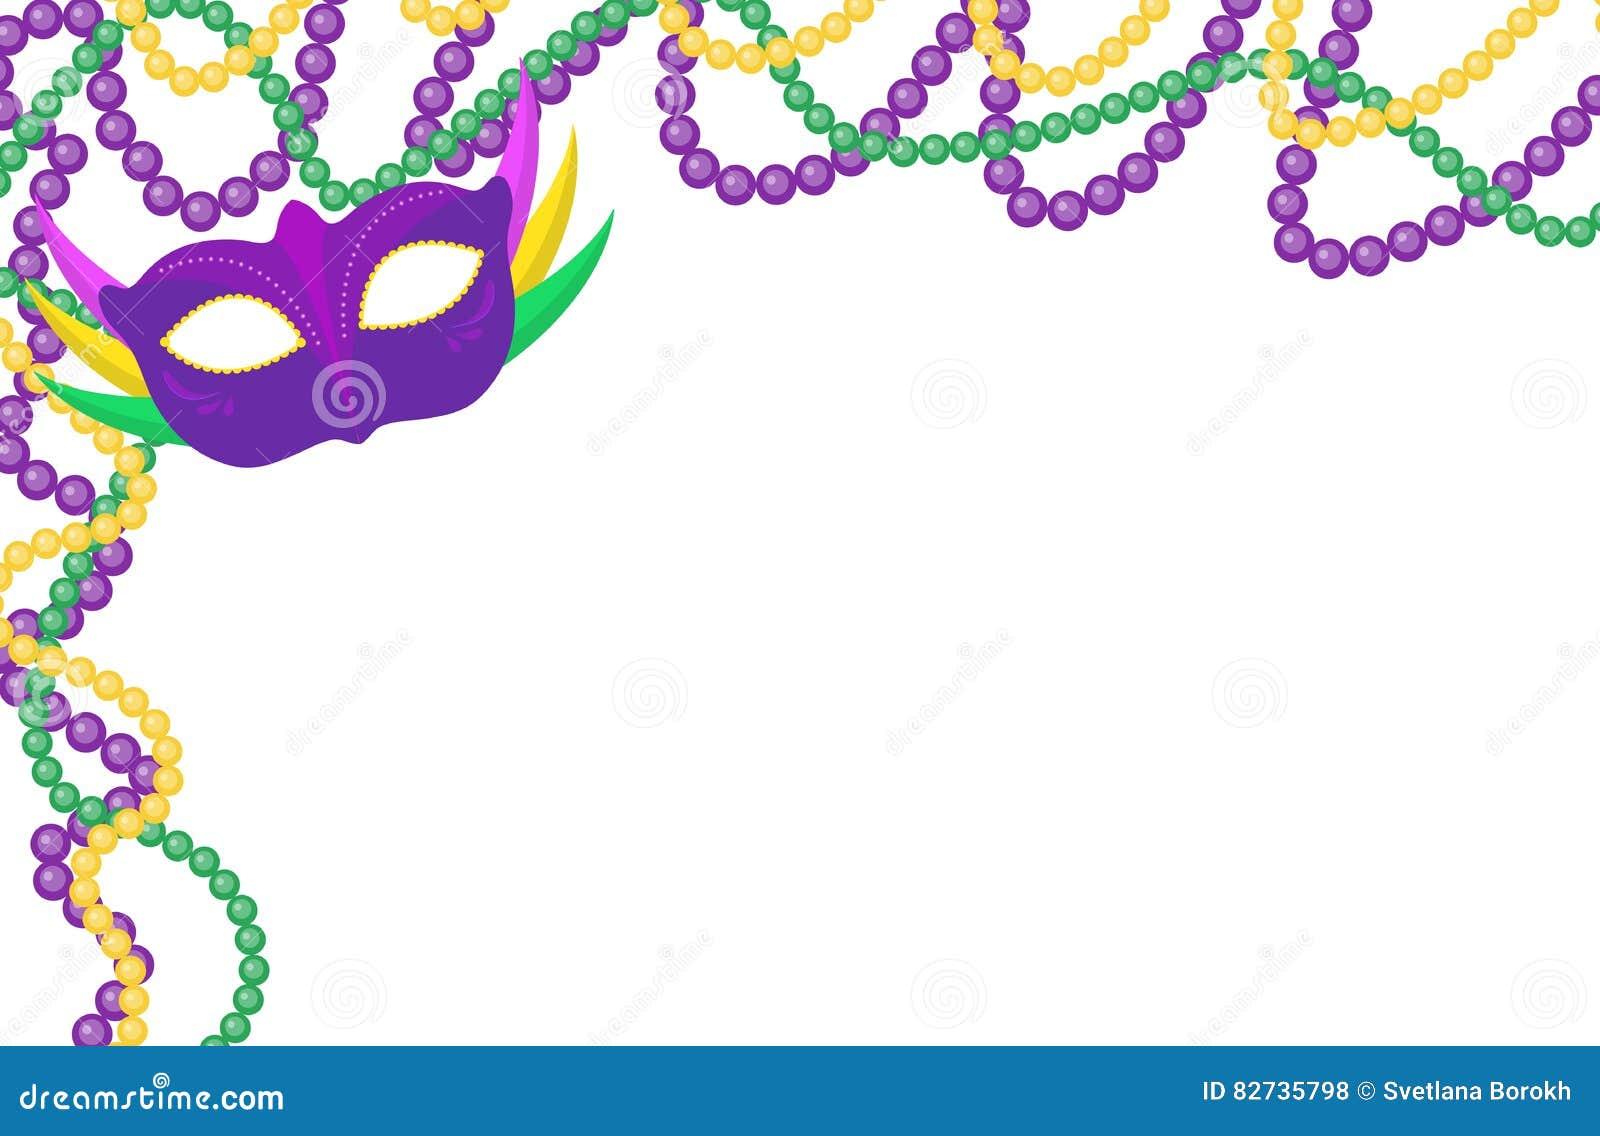 Mardi Gras Gotea El Marco Coloreado Con Una Máscara, Aislada En El ...